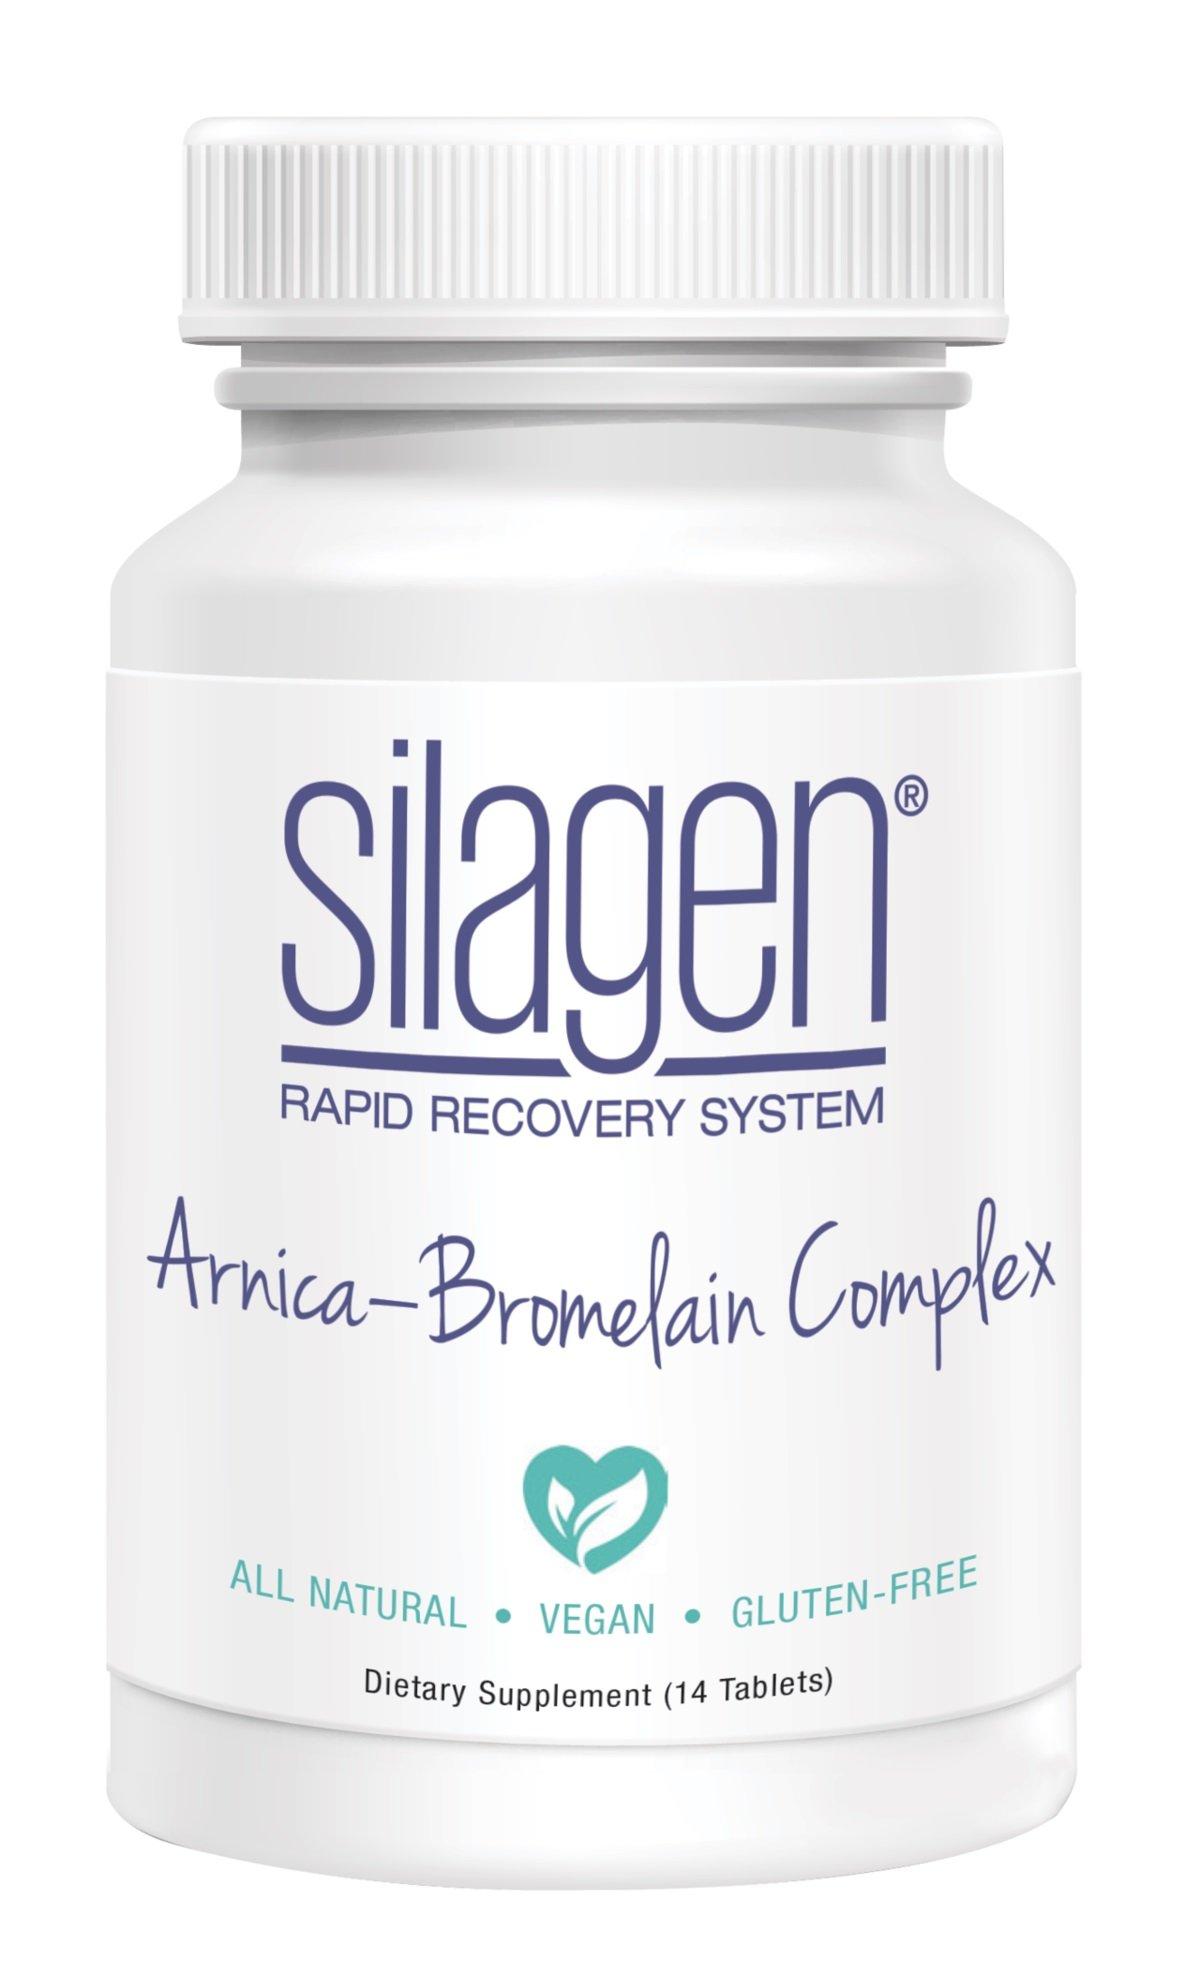 Silagen Arnica-Bromelain Complex 14 Tablets